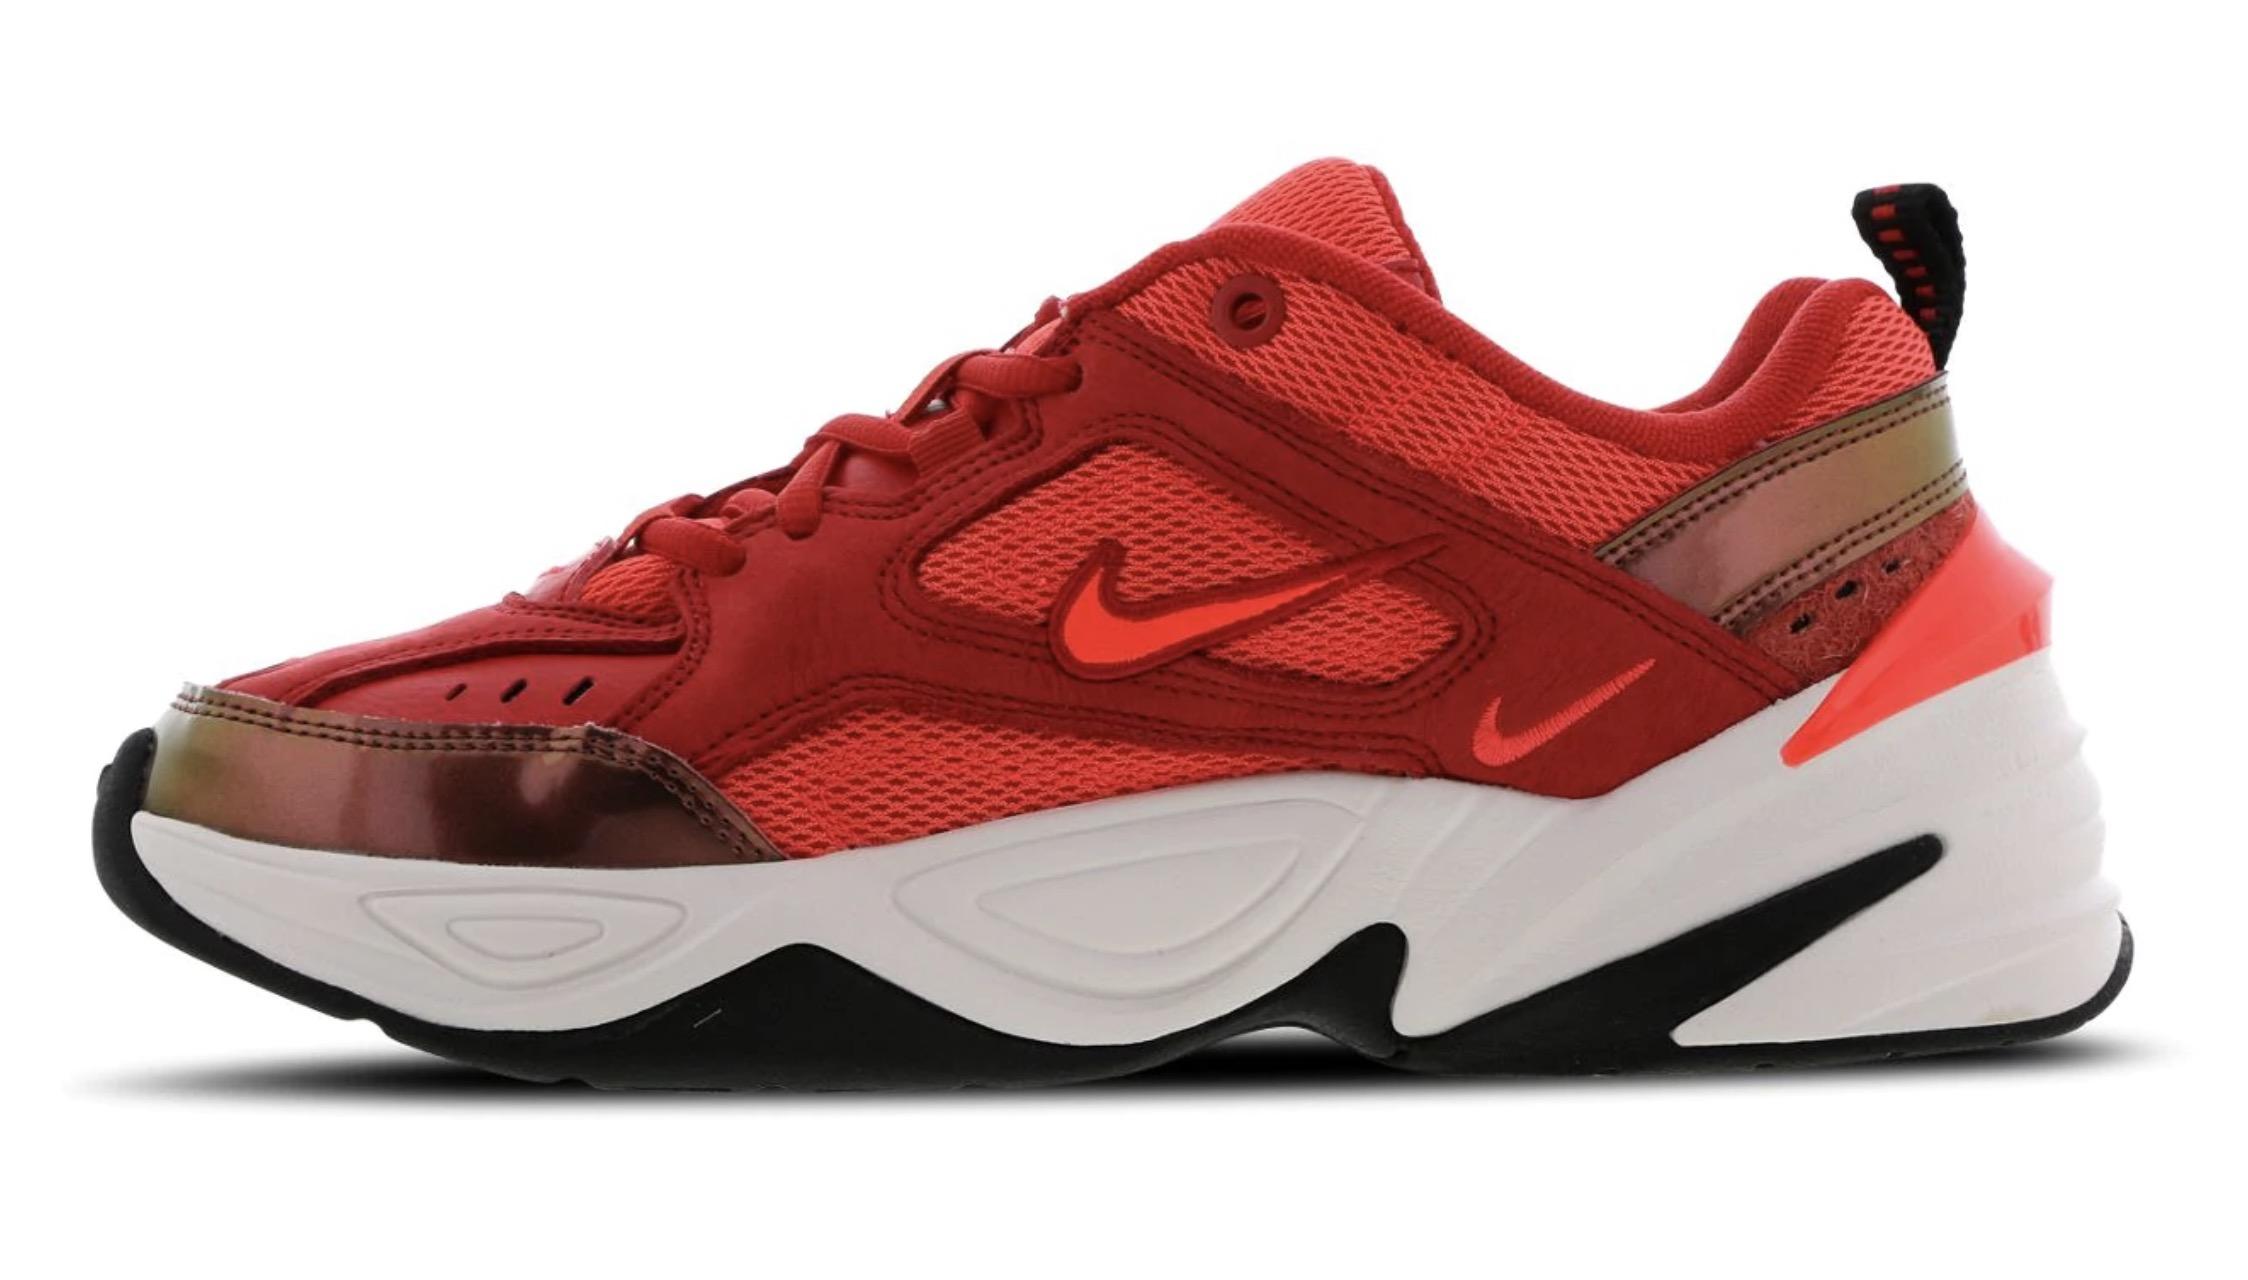 Two New Nike M2K Tekno Colourways Arrive On Footlocker ...